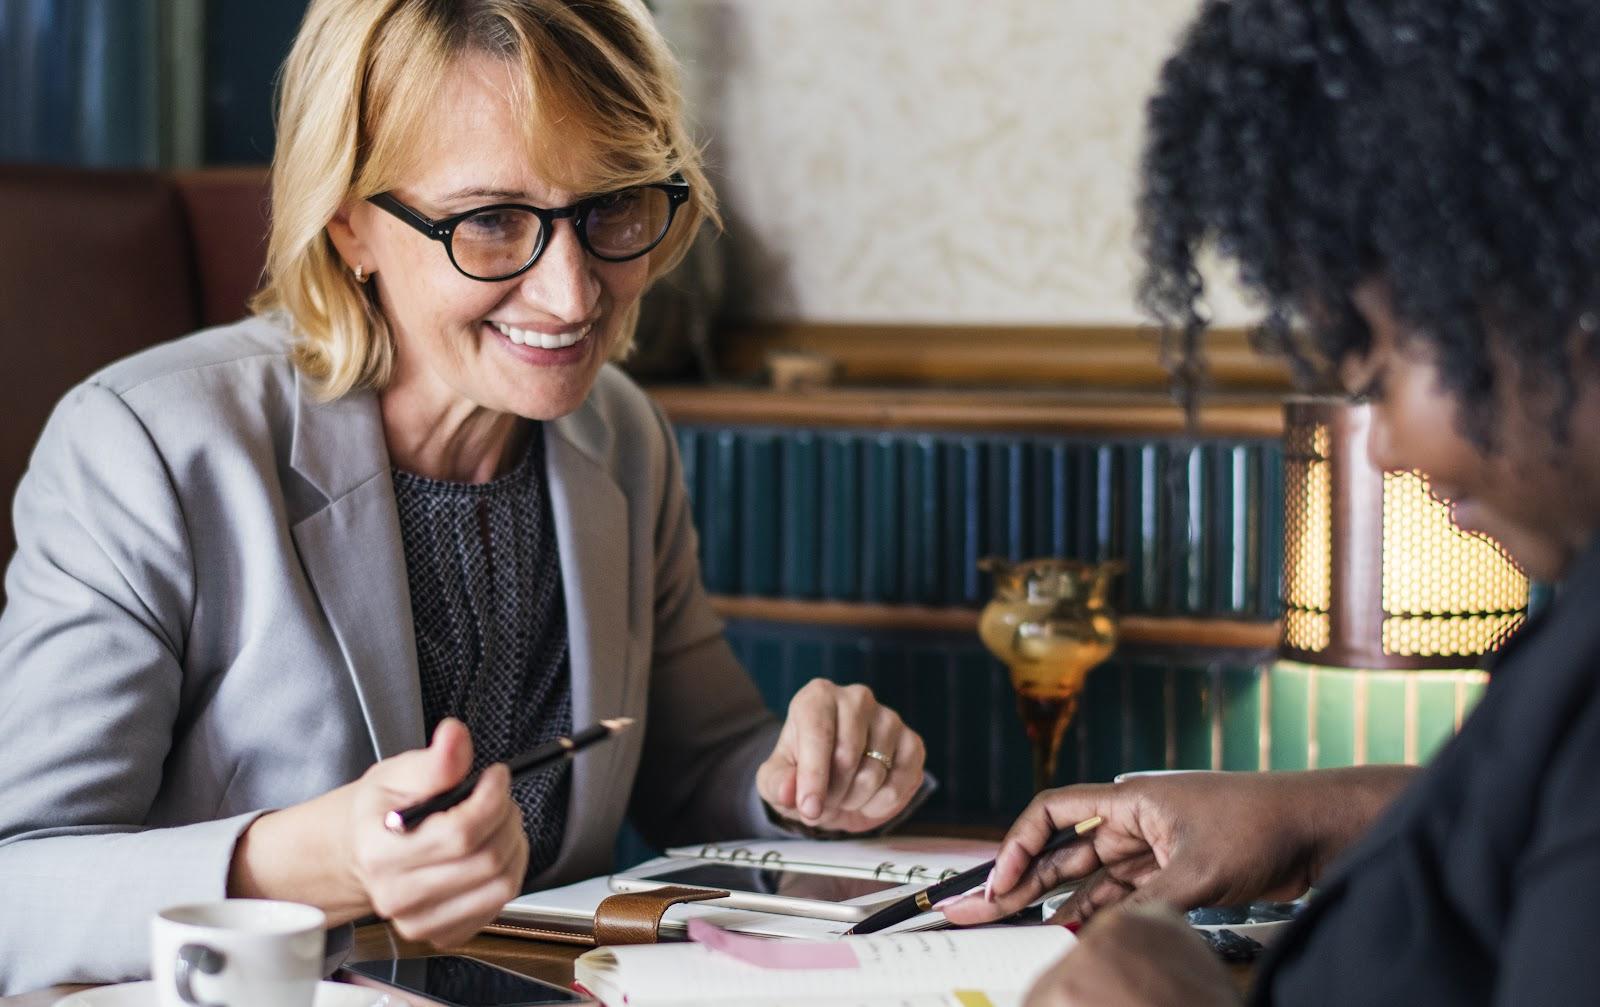 Duas mulheres conversando e anotando algo em um caderno.